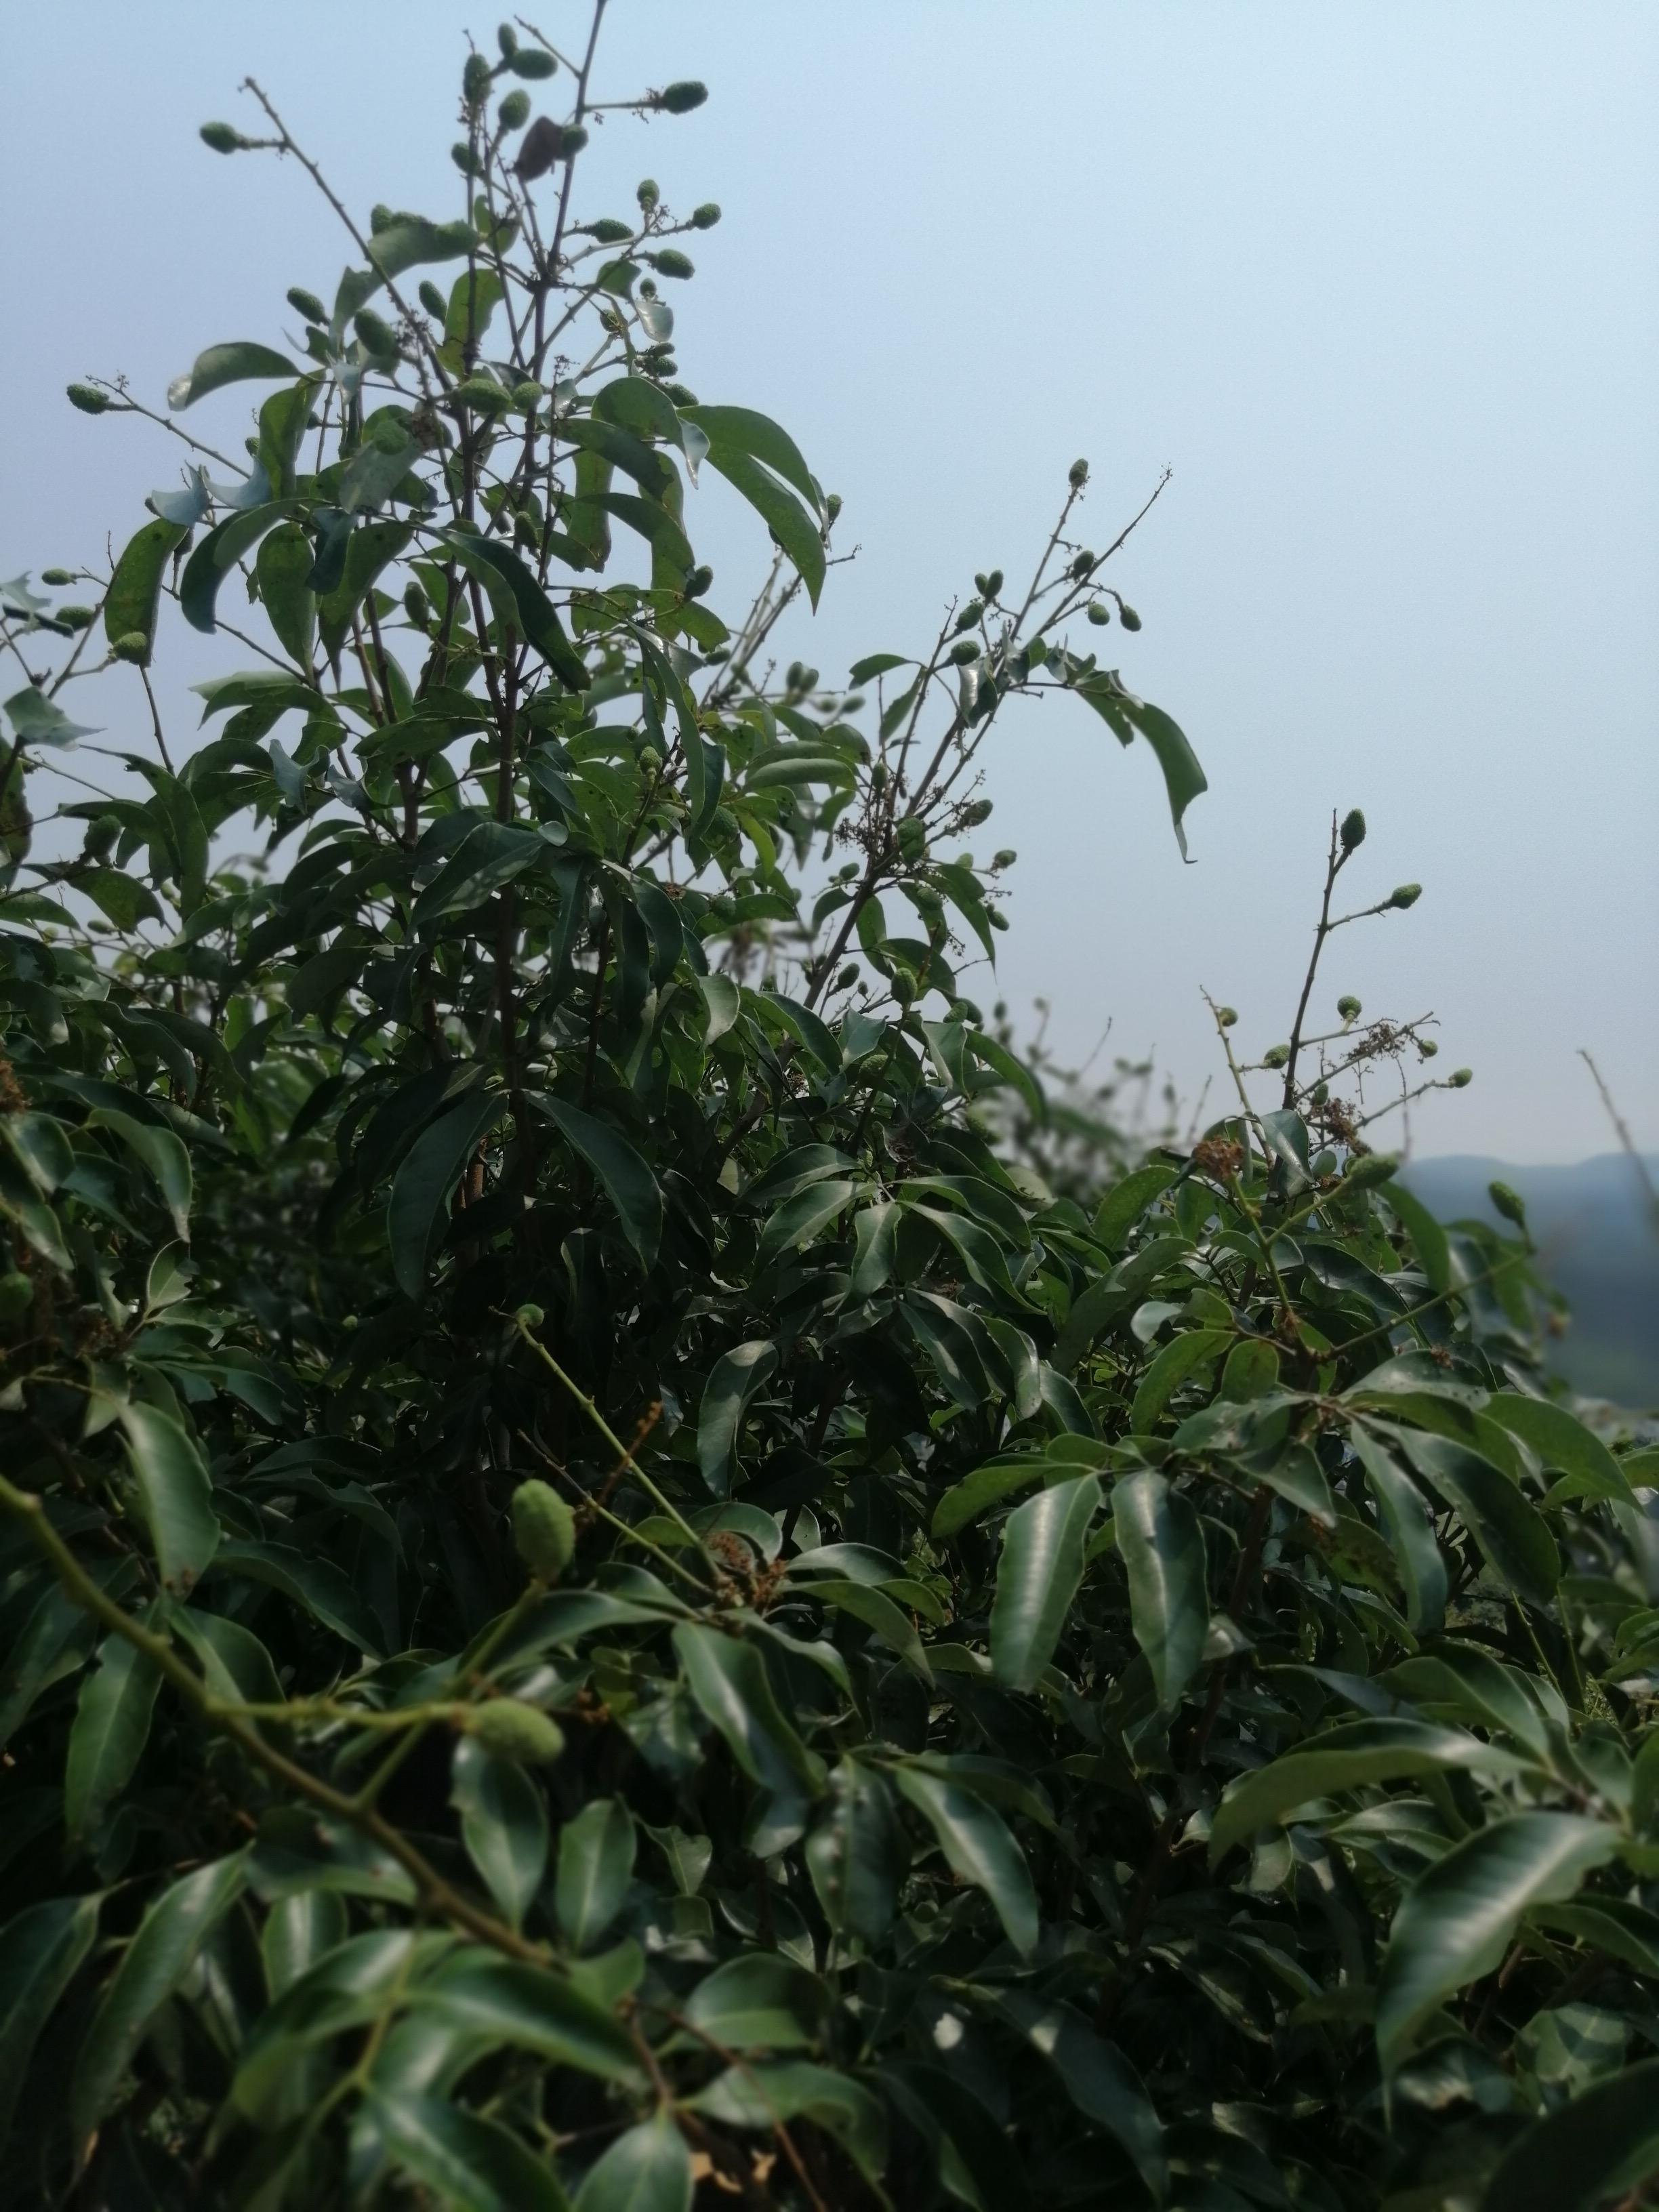 http://b2bwings-goods-image.oss-cn-shenzhen.aliyuncs.com/847f9d59-d256-40f4-b837-ce5610d642cd.jpg